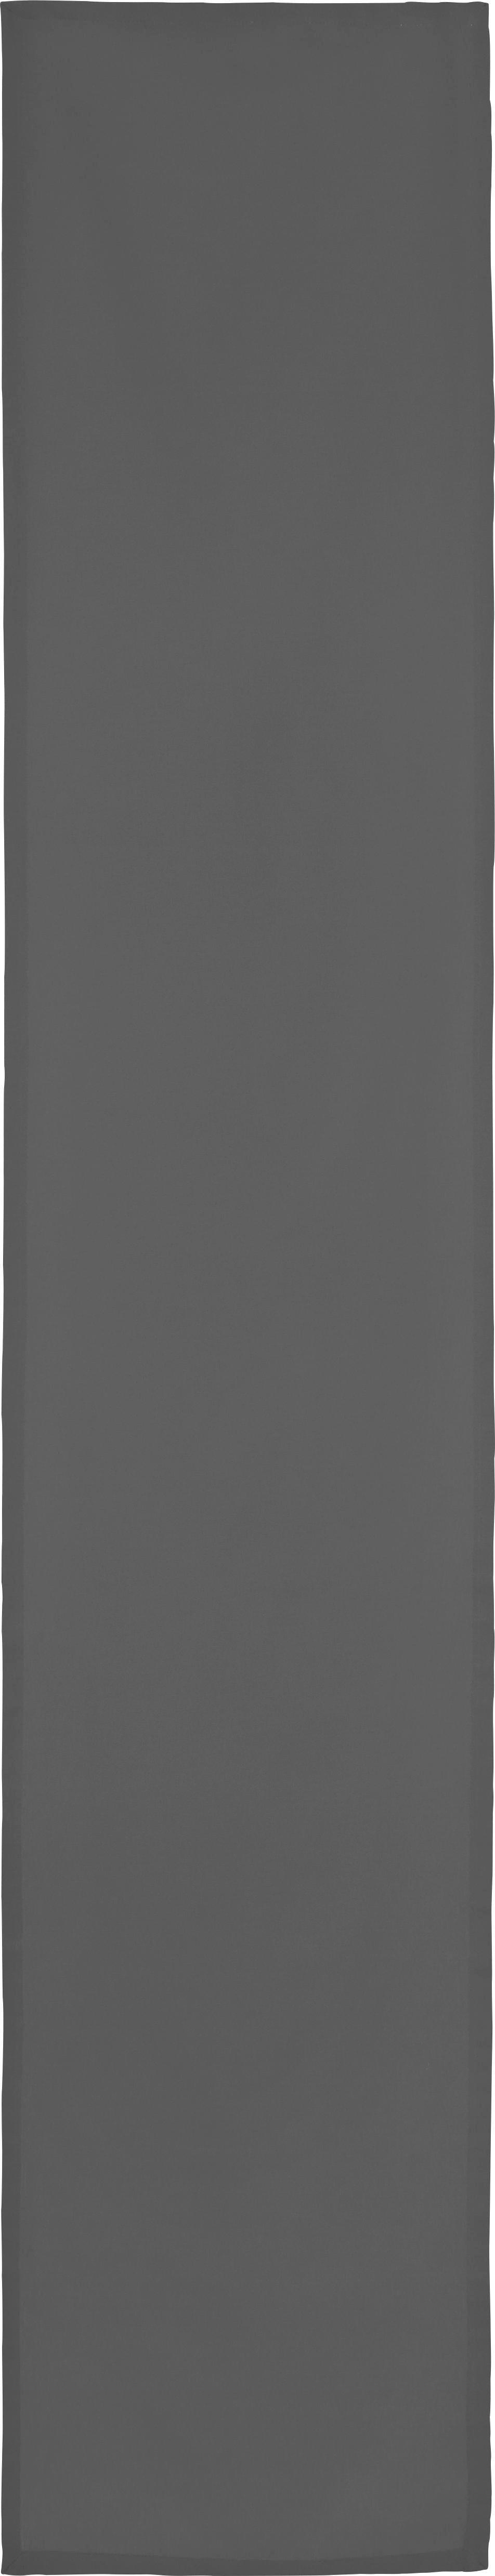 Tischläufer Steffi in Anthrazit - Anthrazit, Textil (45/240cm) - MÖMAX modern living